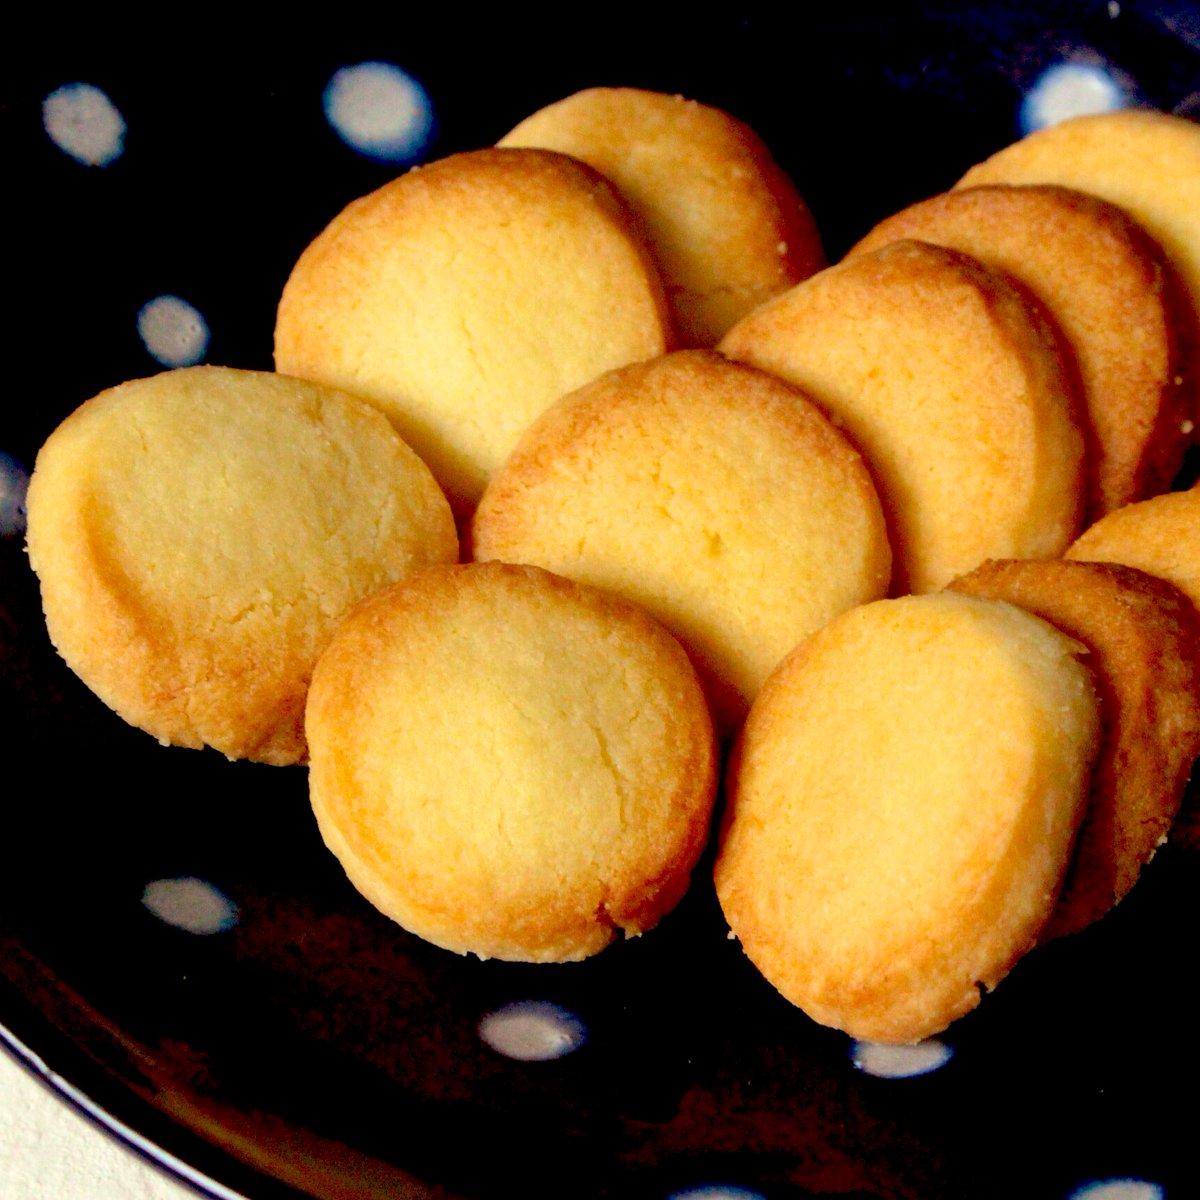 これ本当にトースターで作ったの⁉️最高のおうちおやつが誕生しました。材料3つ【懐かしのバタークッキー】バター砂糖小麦粉の順にポリ袋に入れ混ぜ成形、トースターで3〜4分焼いて完成!子供の頃を思い出す懐かしい甘さ...癒しのひとときにポリ袋で簡単作り方↓